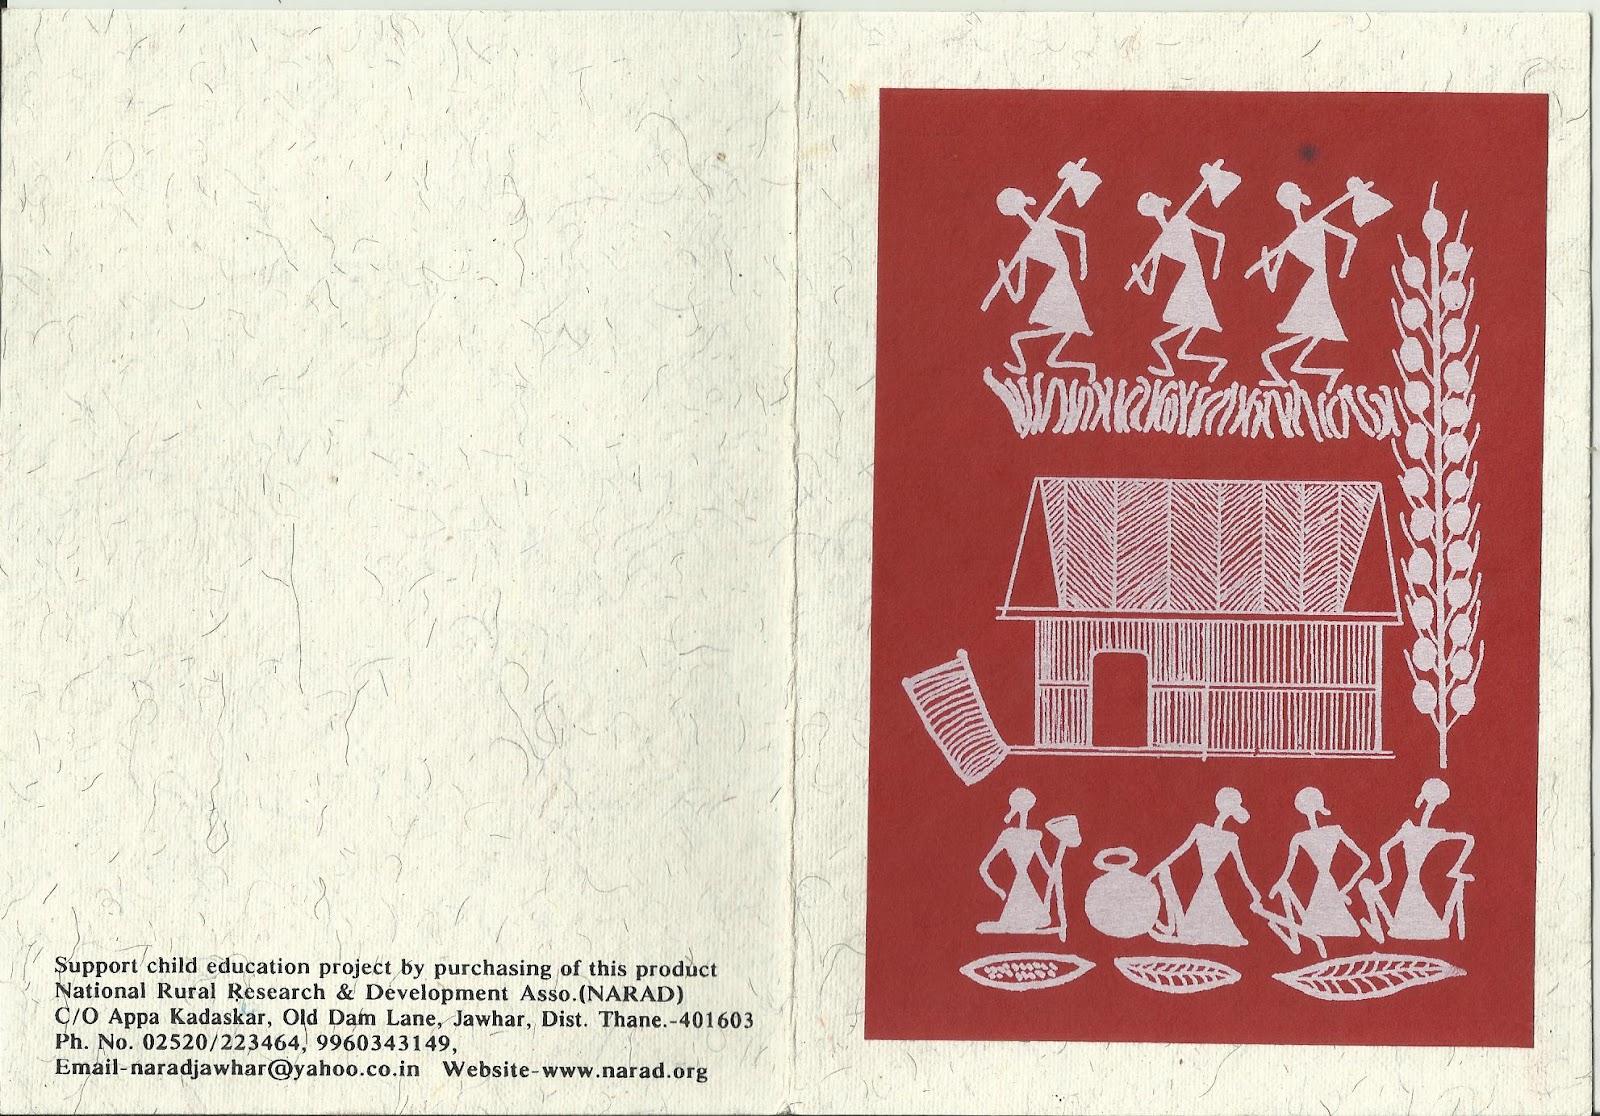 Heritage of india warli paintings greetings cards these are some of my warli paintings greetings cards kristyandbryce Gallery